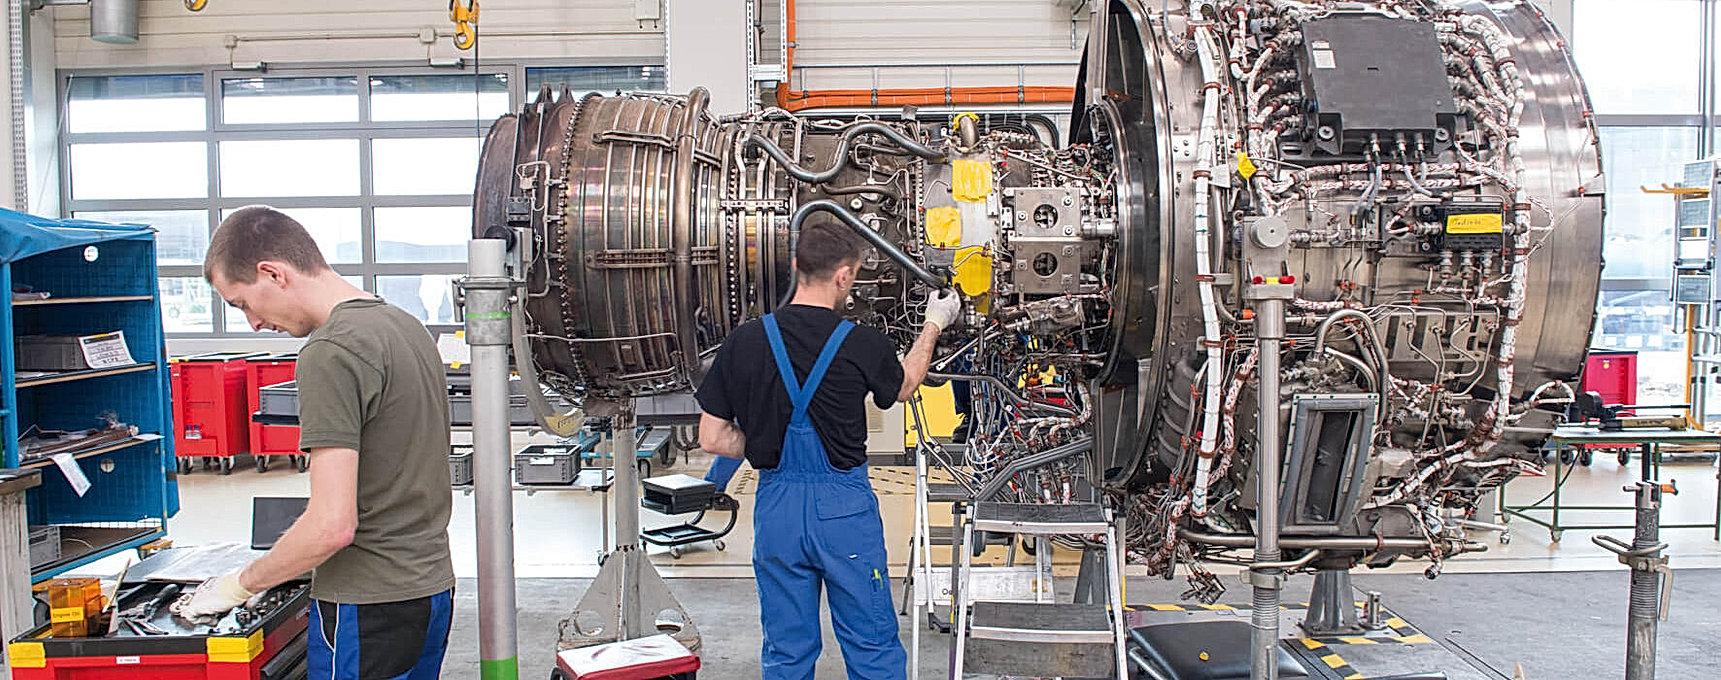 Aircraft-Parts- Repair